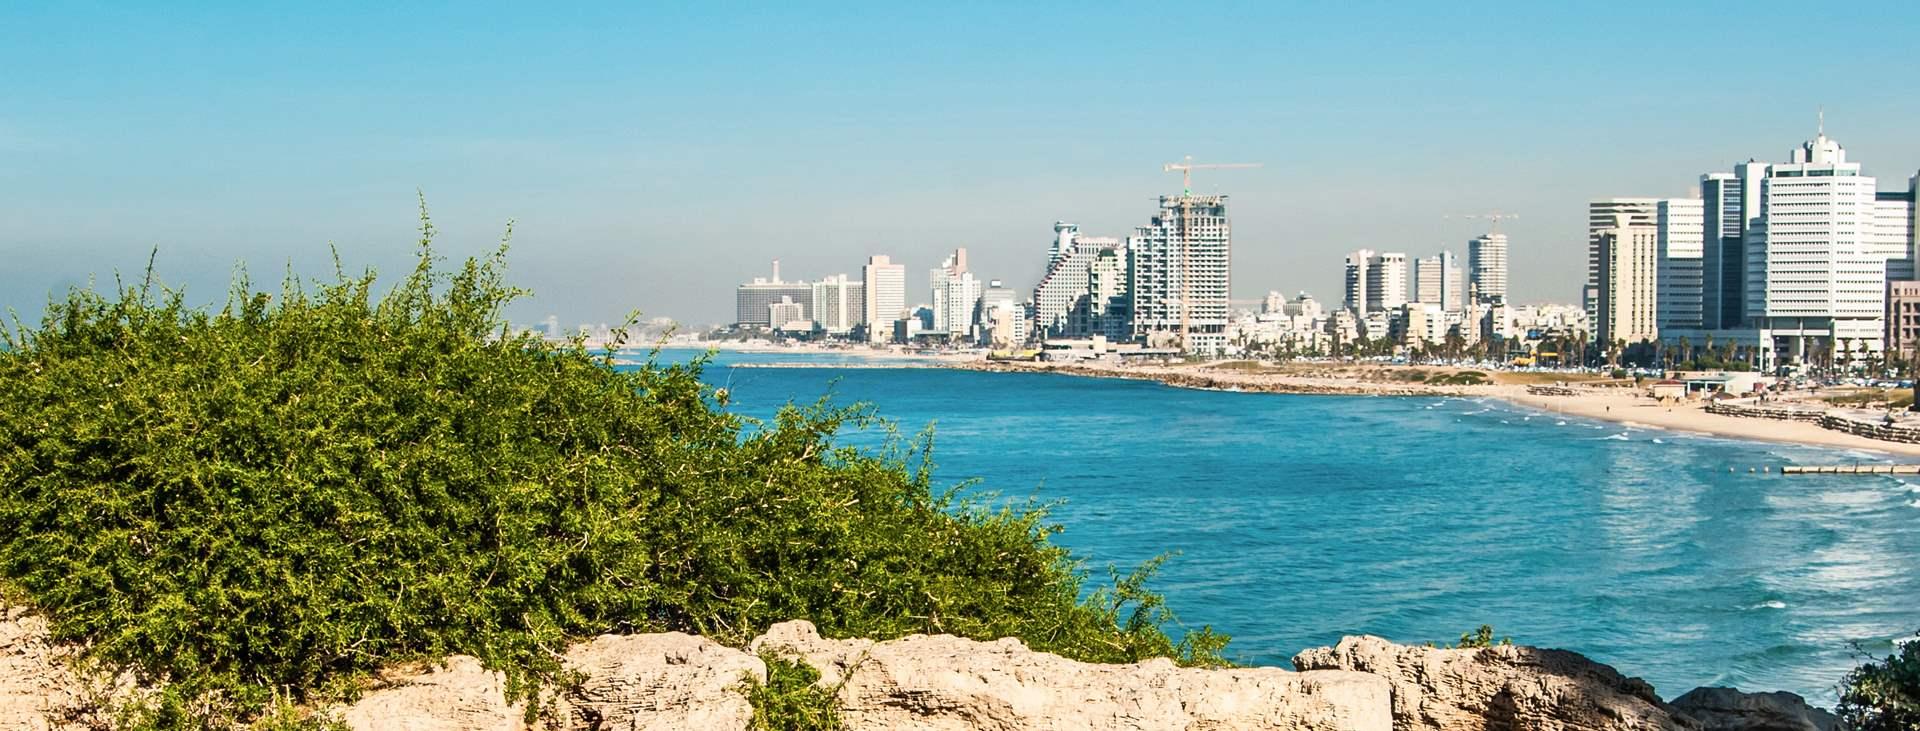 Bestill en reise til Israel med fly og hotell